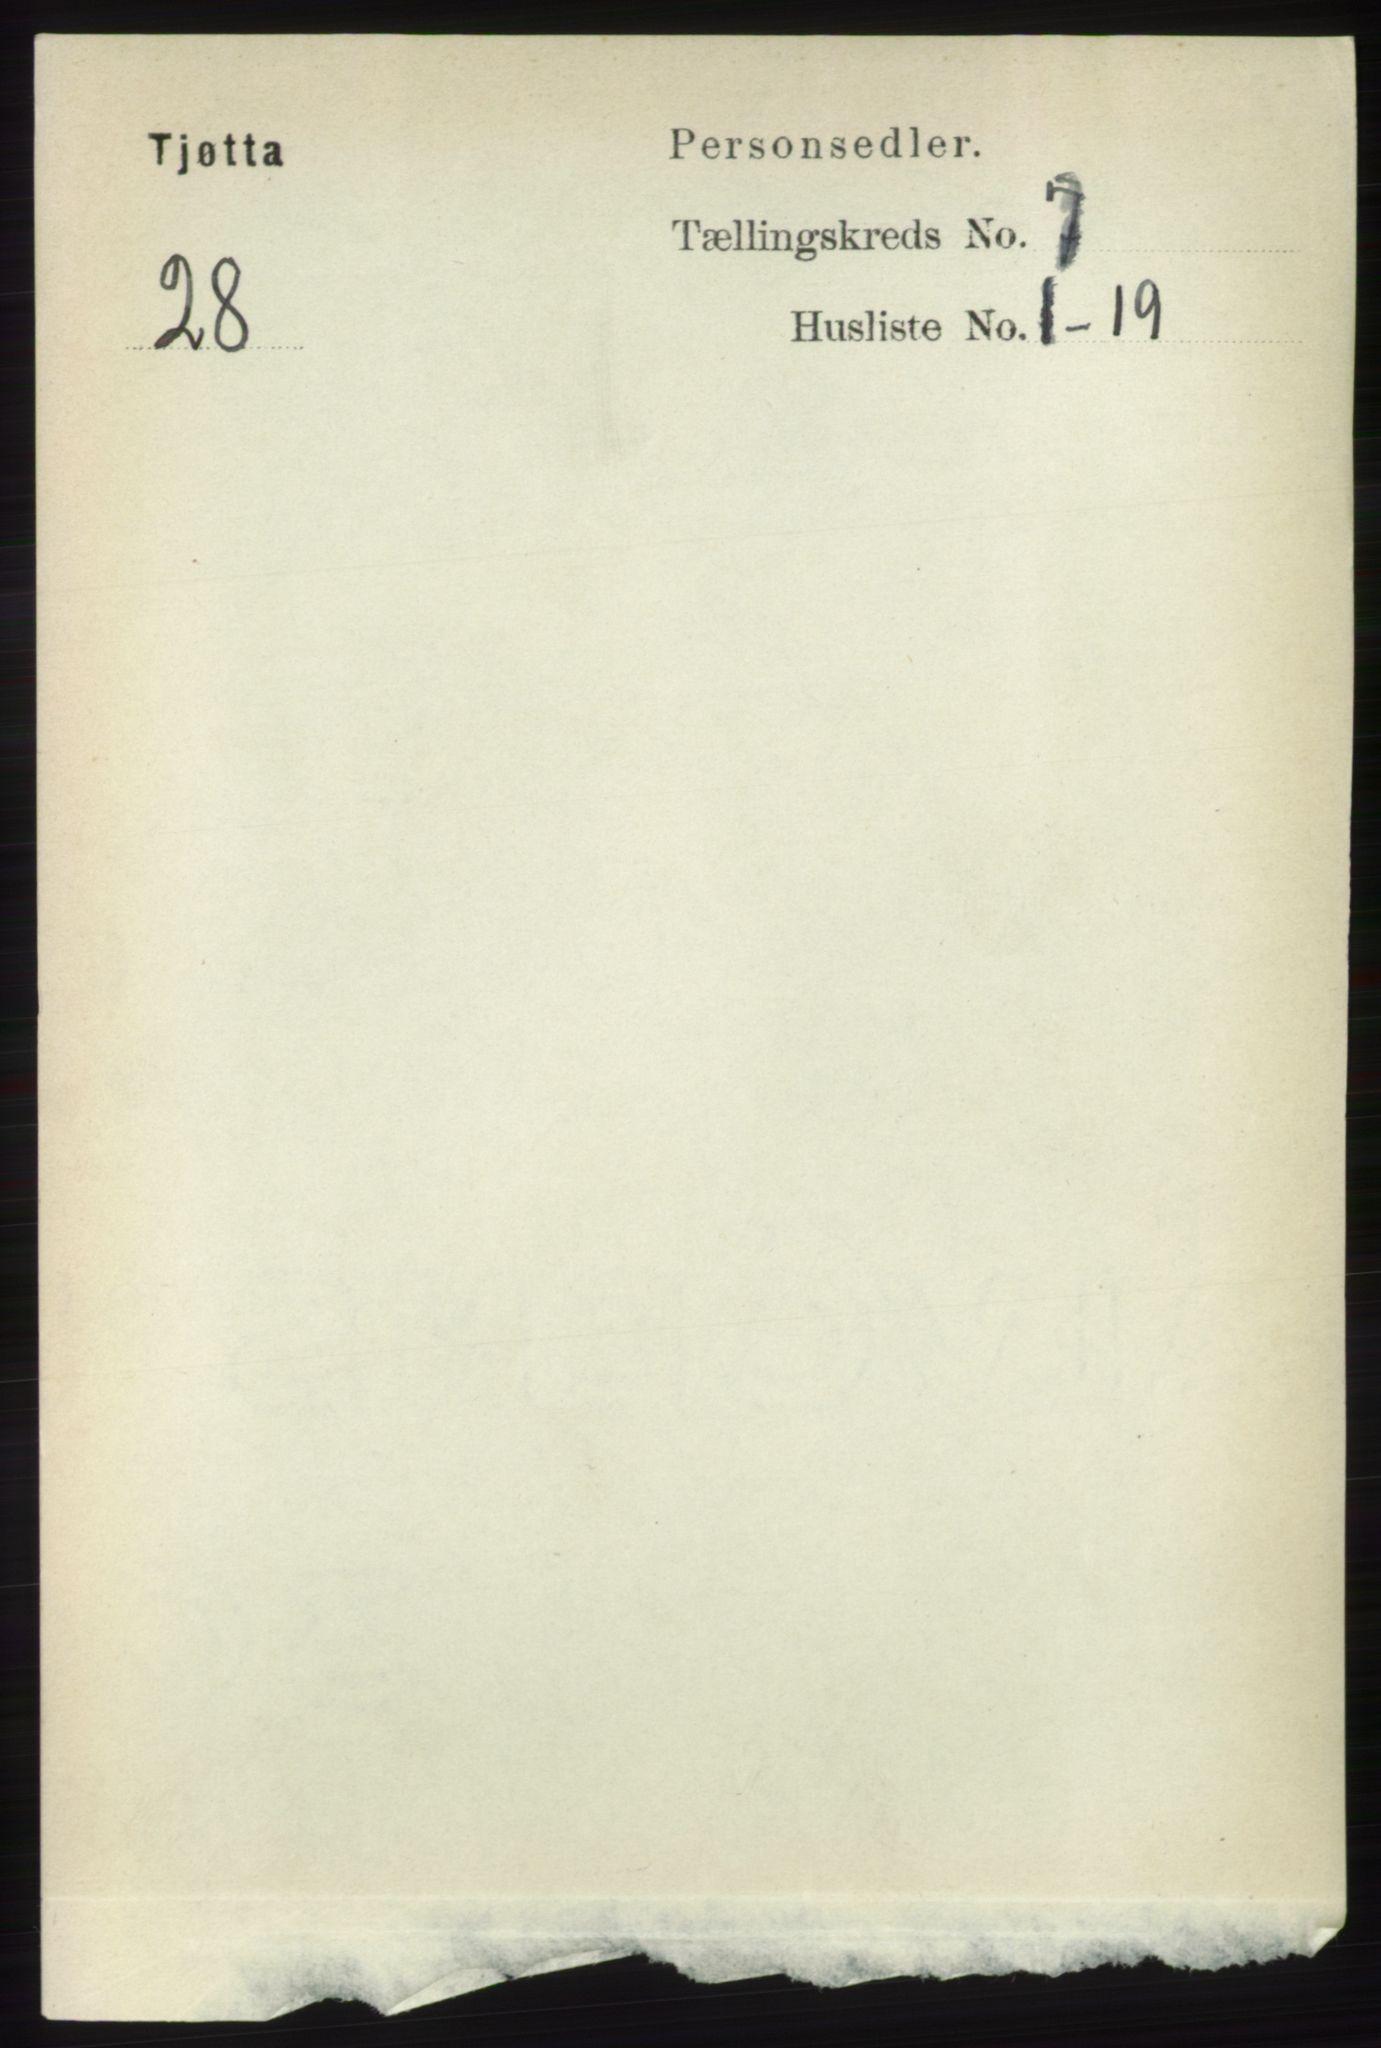 RA, Folketelling 1891 for 1817 Tjøtta herred, 1891, s. 3612